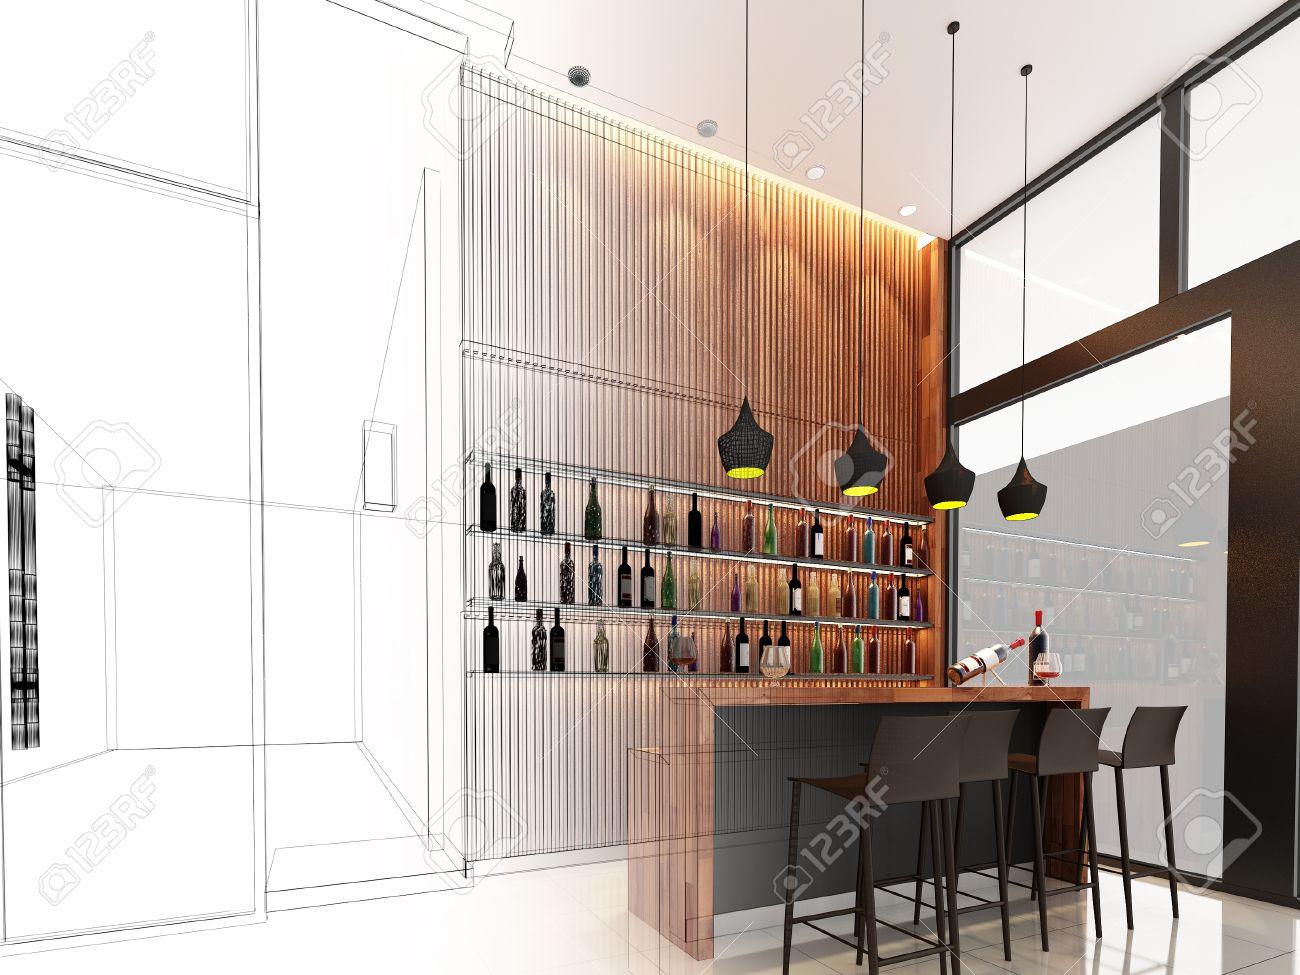 Diseño De Dibujo De Barra De Bar, Marco De Alambre 3d Rinde Fotos ...